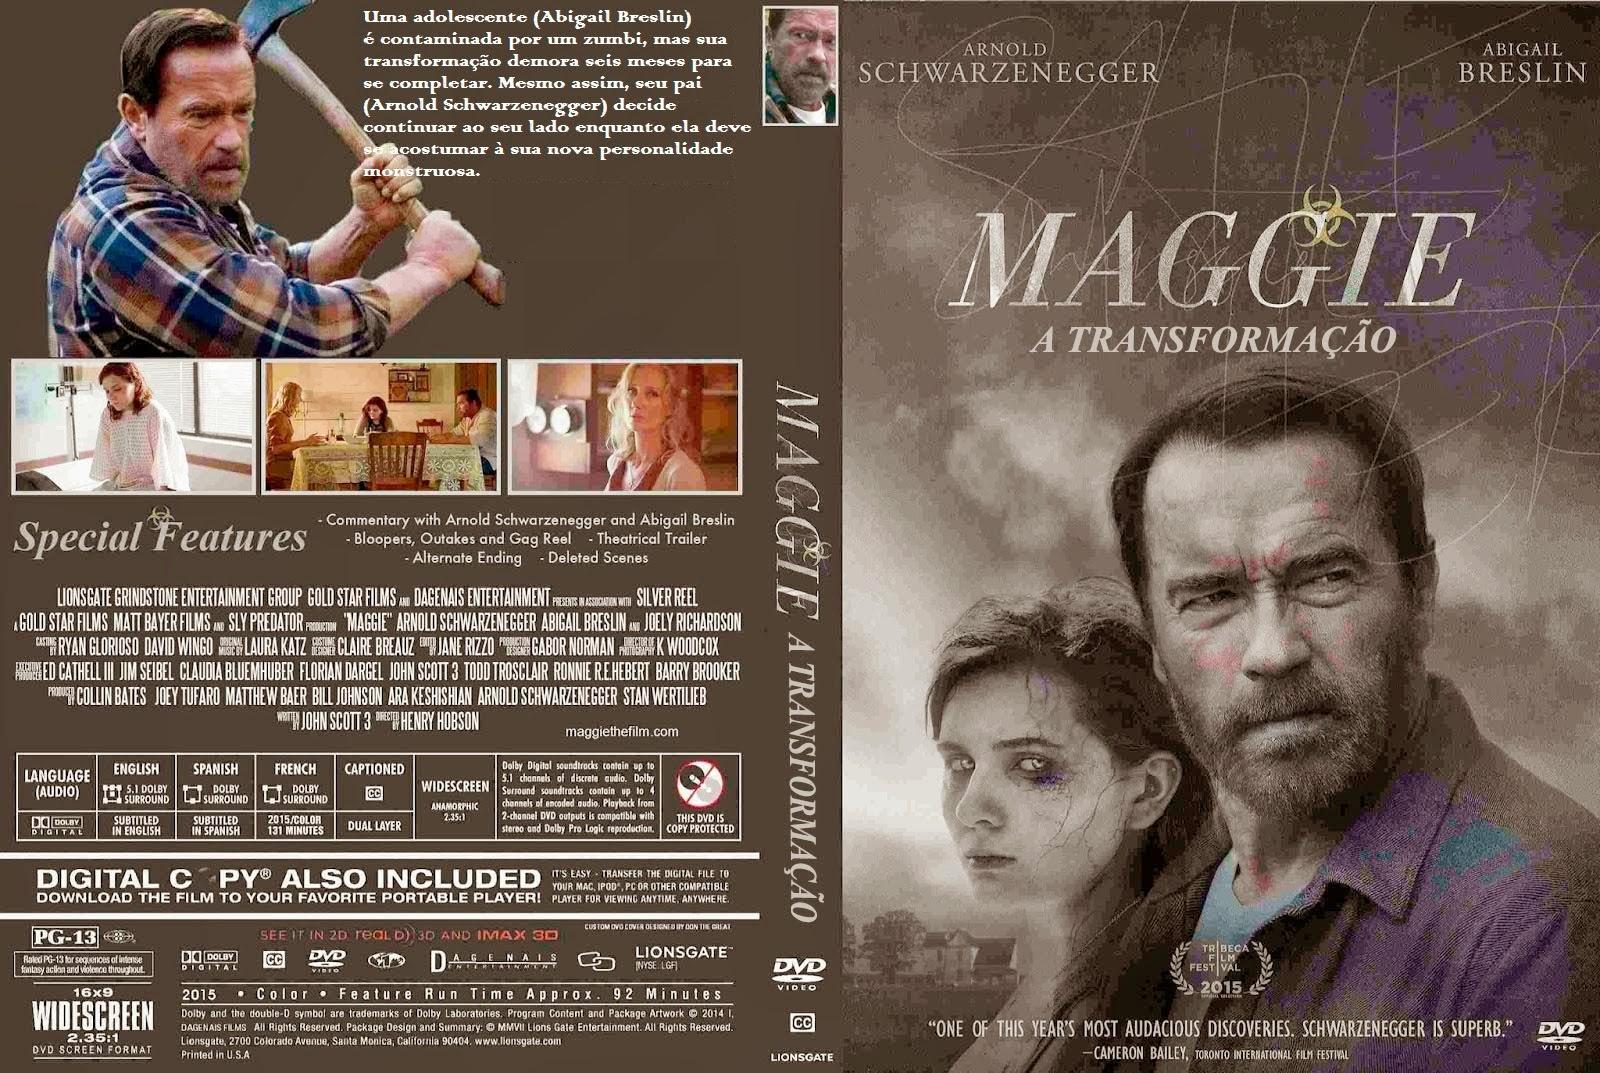 Download Maggie A Transformação DVD-R Maggie 2BA 2BTransforma C3 A7 C3 A3o